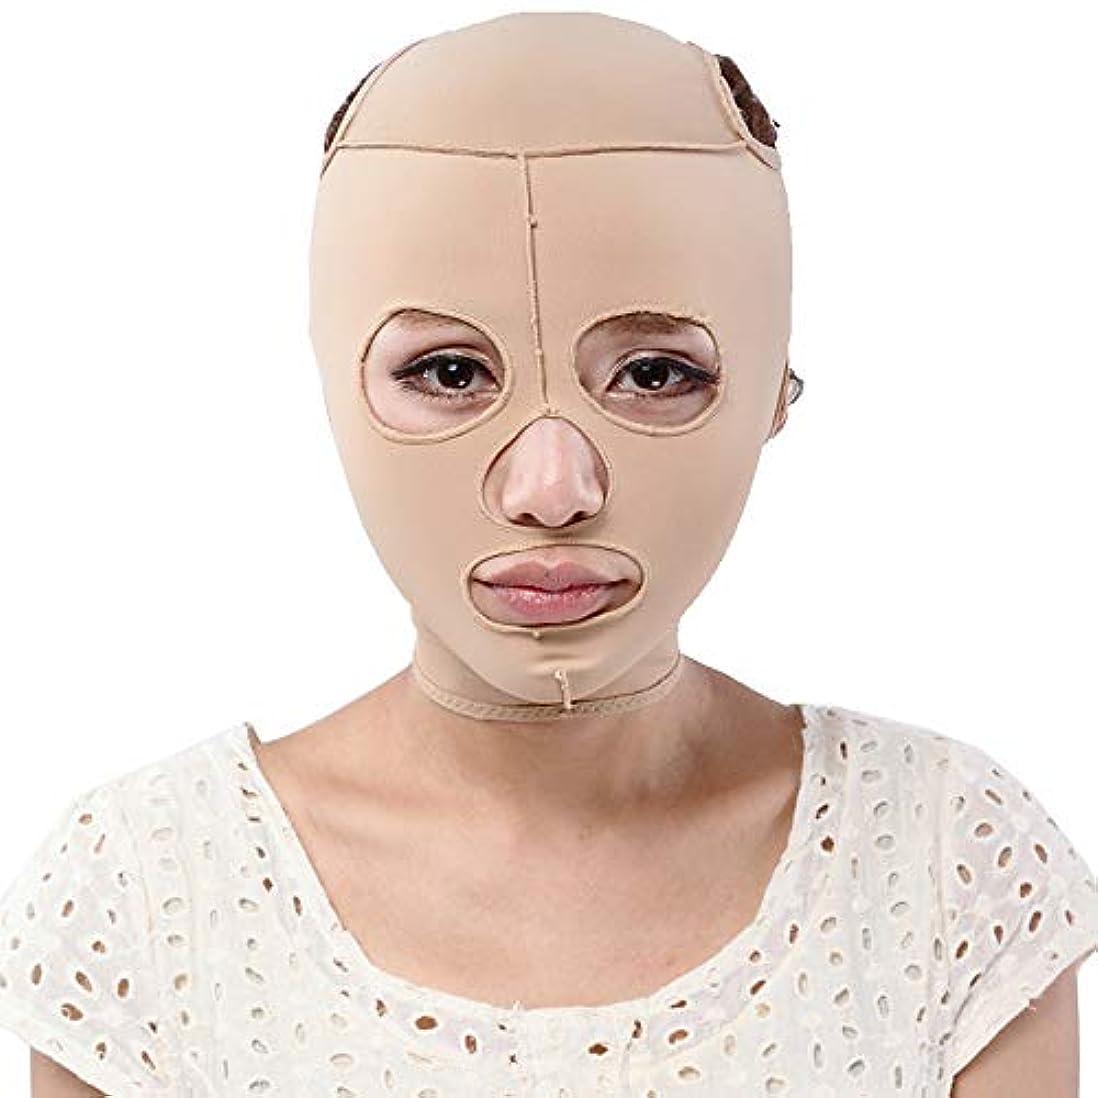 有益恐怖症ピック睡眠薄い顔の包帯、ダブル顎の顔を持ち上げる小物V顔マスクタイプリフティングフェイシャル,S